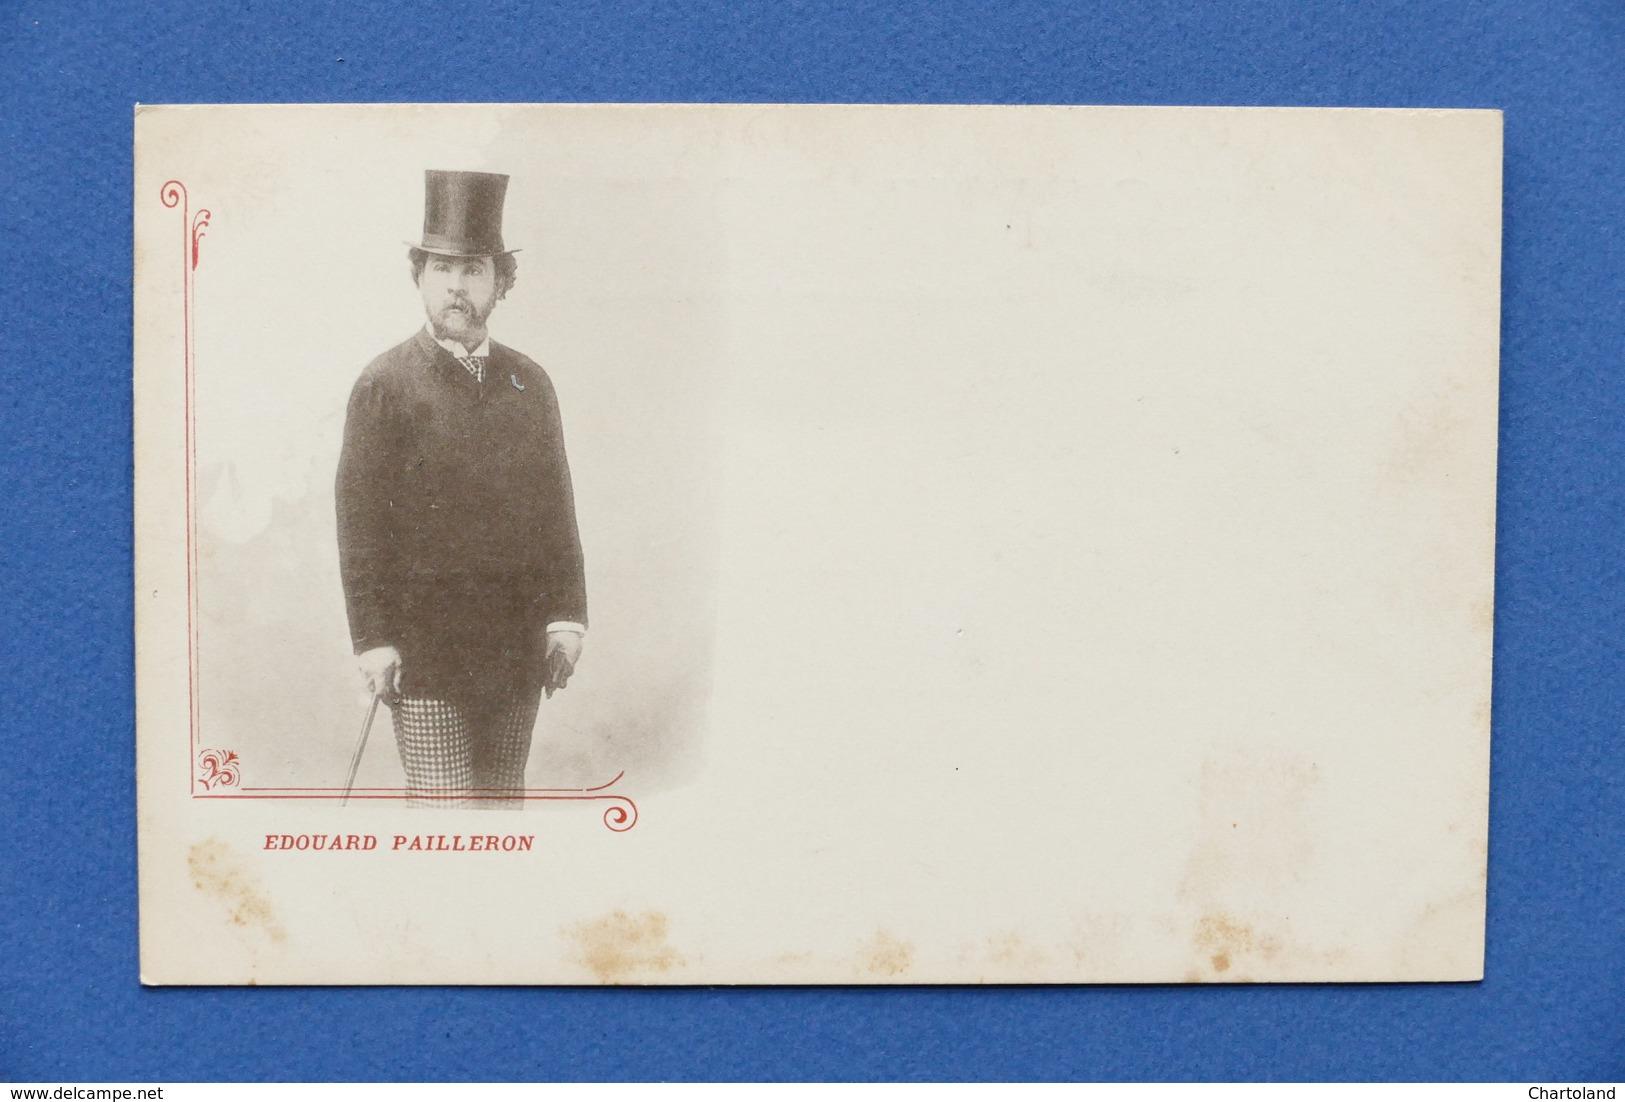 Cartolina Personaggi Famosi - Poeta Francese Edouard Pailleron - 1900 Ca. - Cartoline